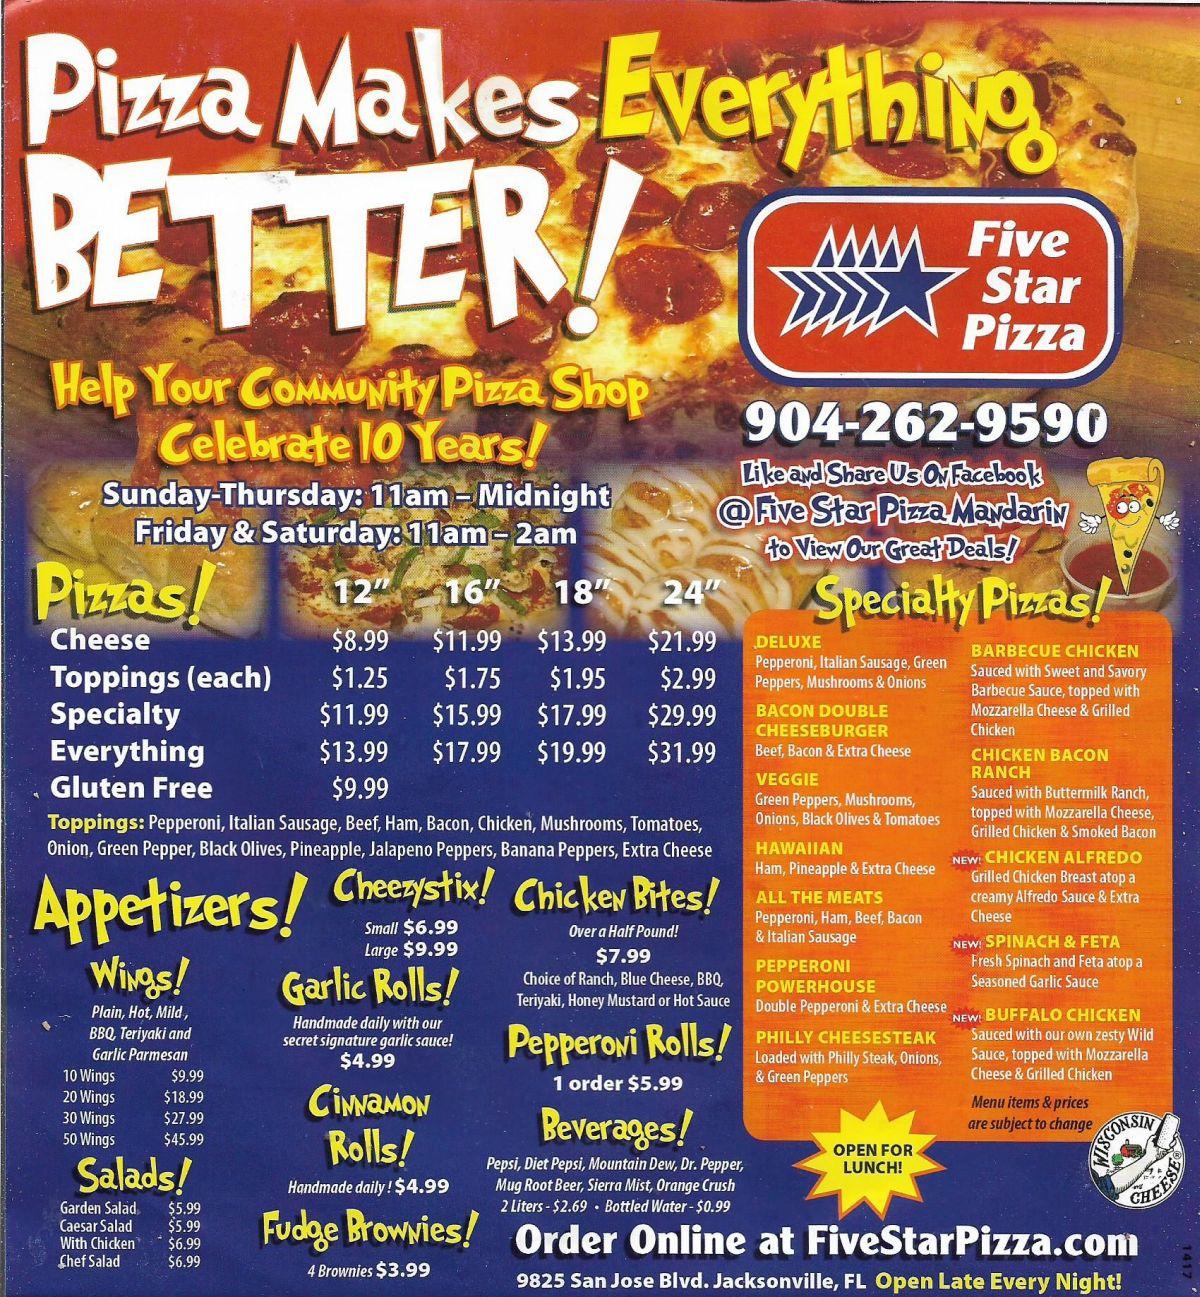 FiveStar Pizza Mandarin FL